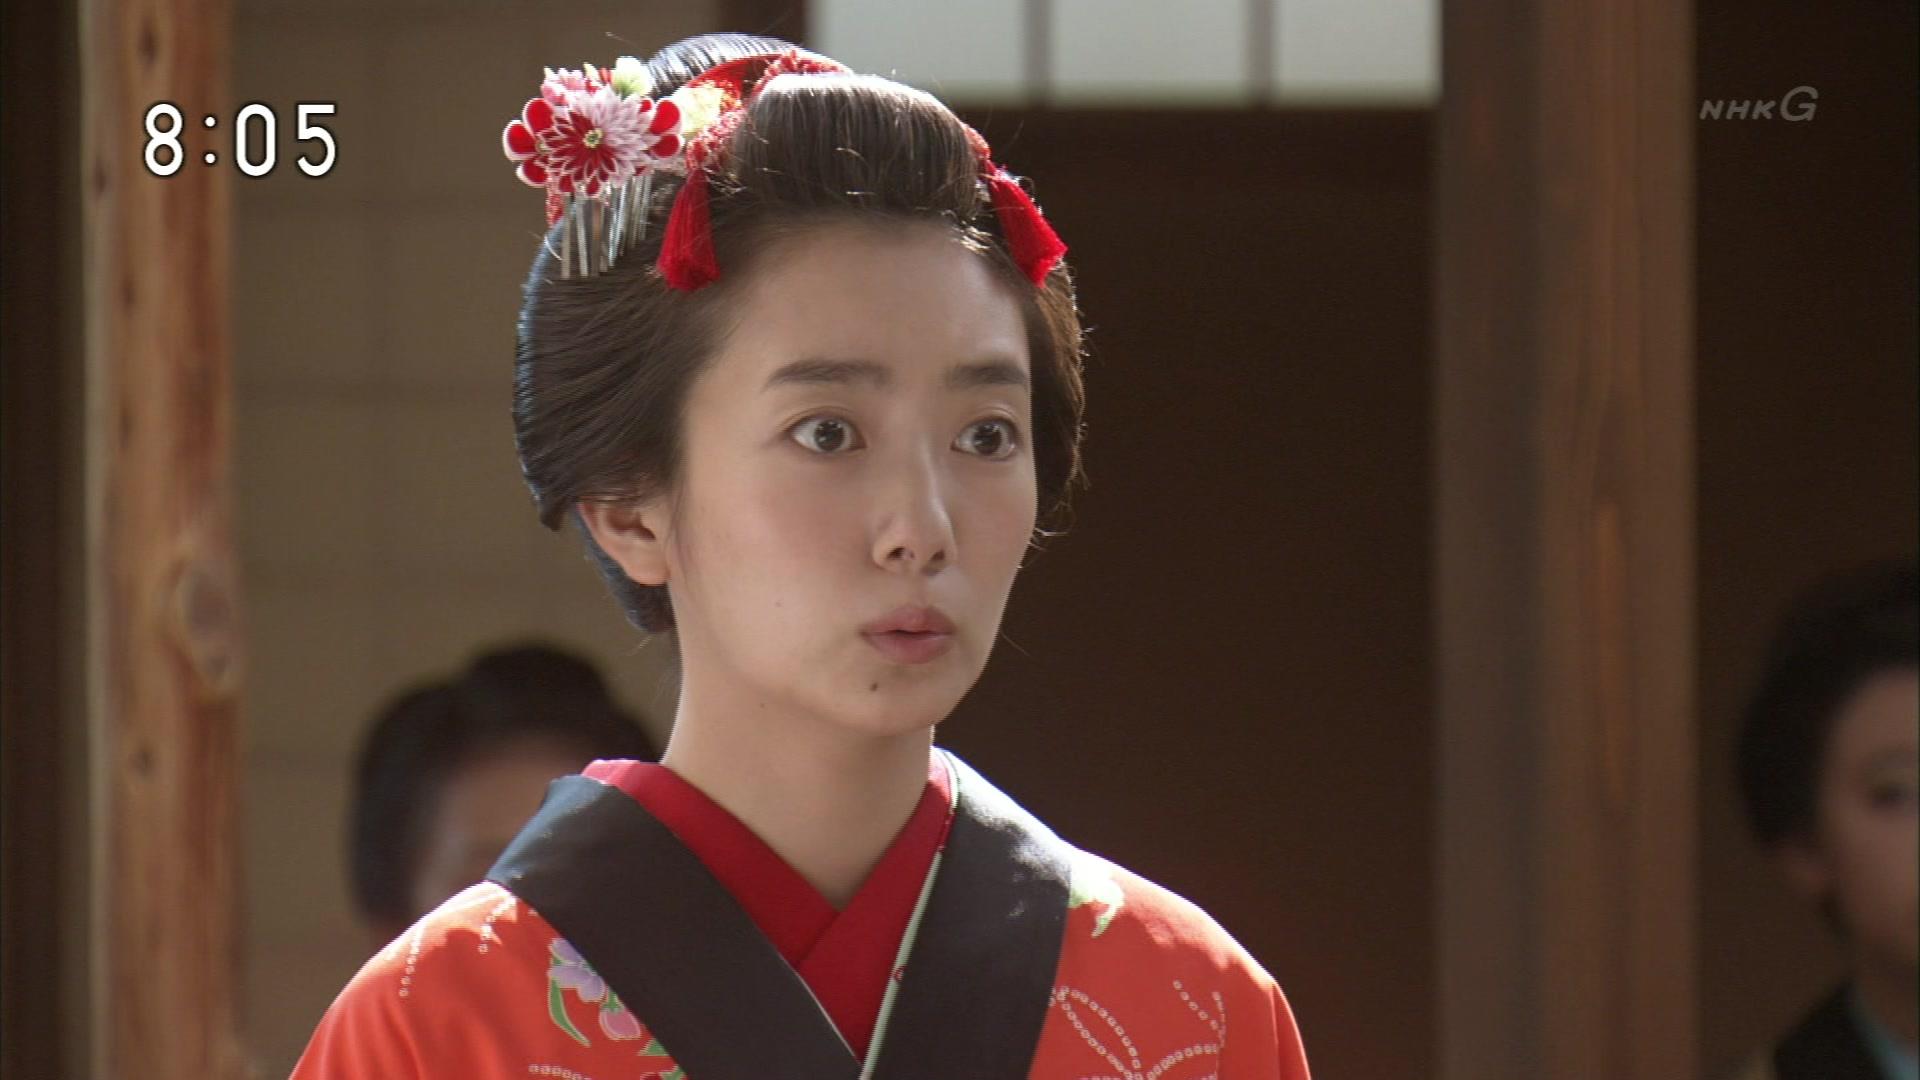 2015-10-09 08:00 連続テレビ小説 あさが来た(11)「ふたつの花びら」 0954